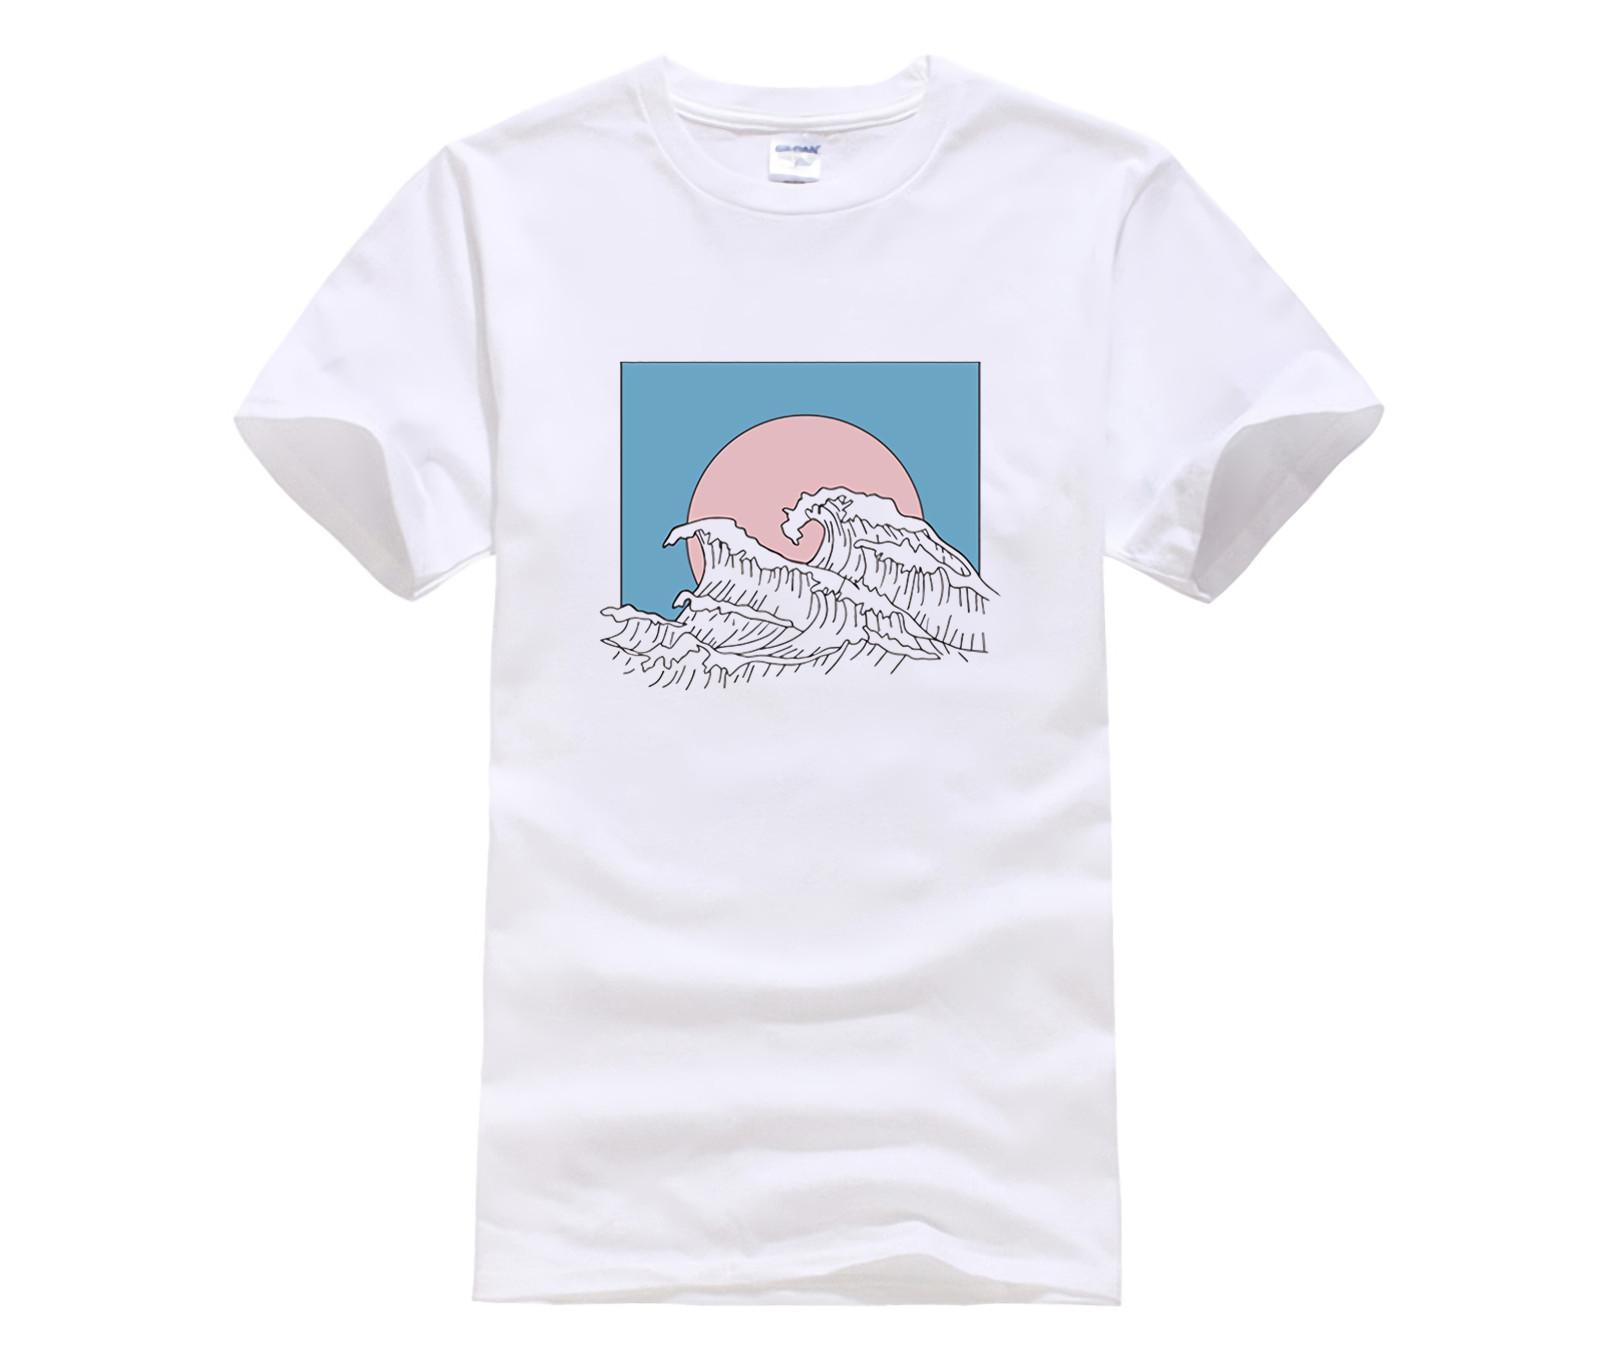 вокруг шеи прохладной мужской футболка Новой мода для мужчин Топов лета с коротким рукавом тройники Больших белых волна тройники